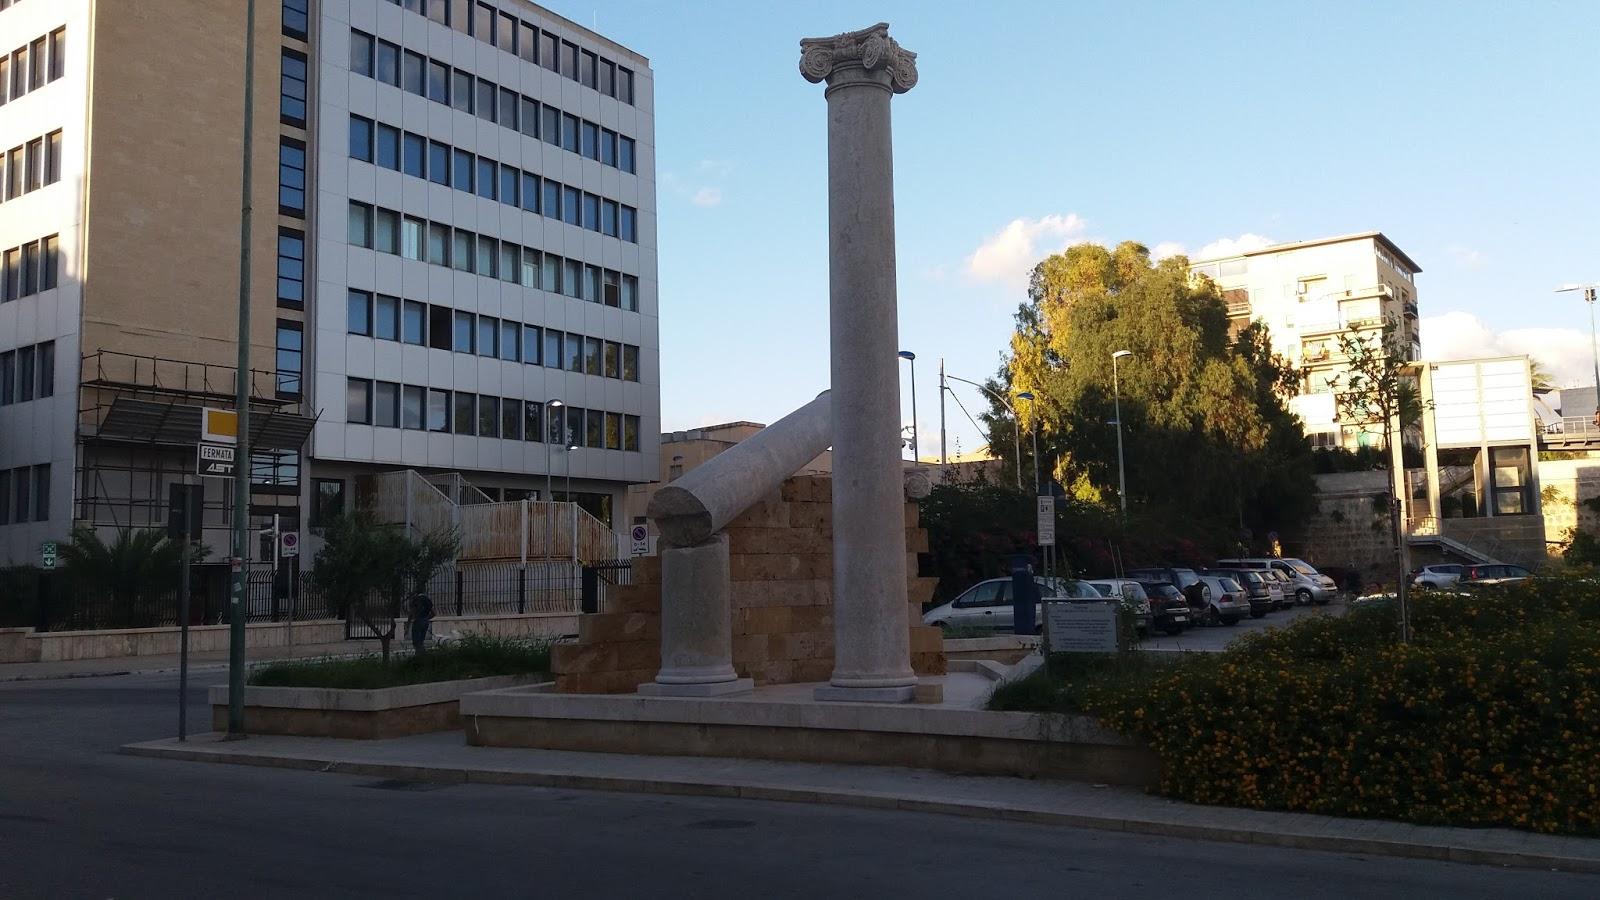 Le colonne del garibaldi trapanesedentro for Aggiornare le colonne del portico